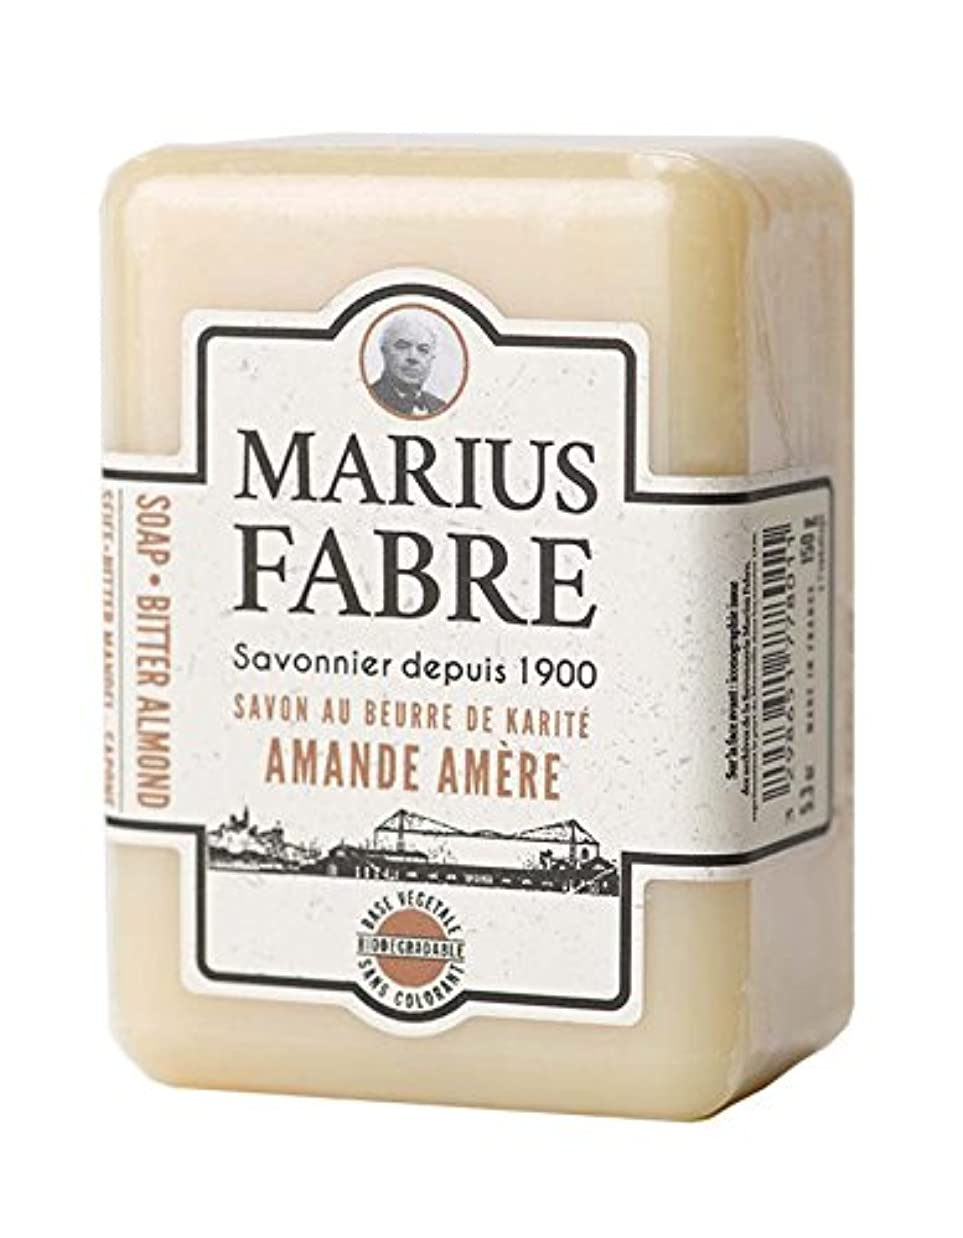 おとなしい作り上げる肯定的サボンドマルセイユ 1900 ビターアーモンド 150g